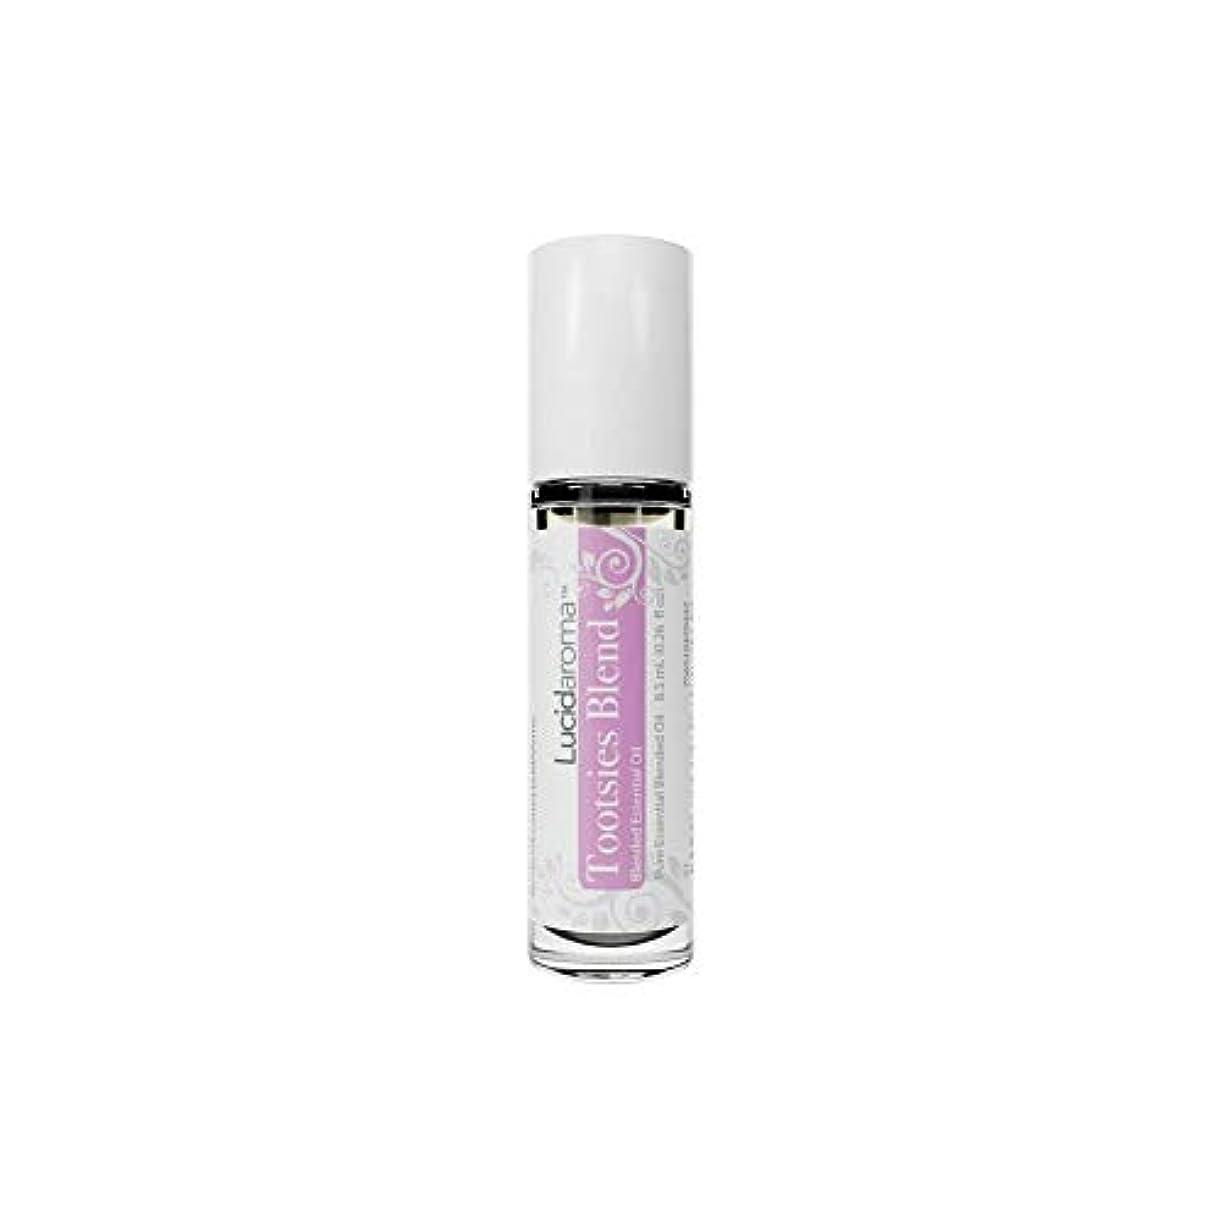 積極的に保持毛細血管Lucid Aroma Tootsies Blend トッツィーブレンド ロールオン アロマオイル 8.5mL (塗るアロマ) 100%天然 携帯便利 ピュア エッセンシャル アメリカ製